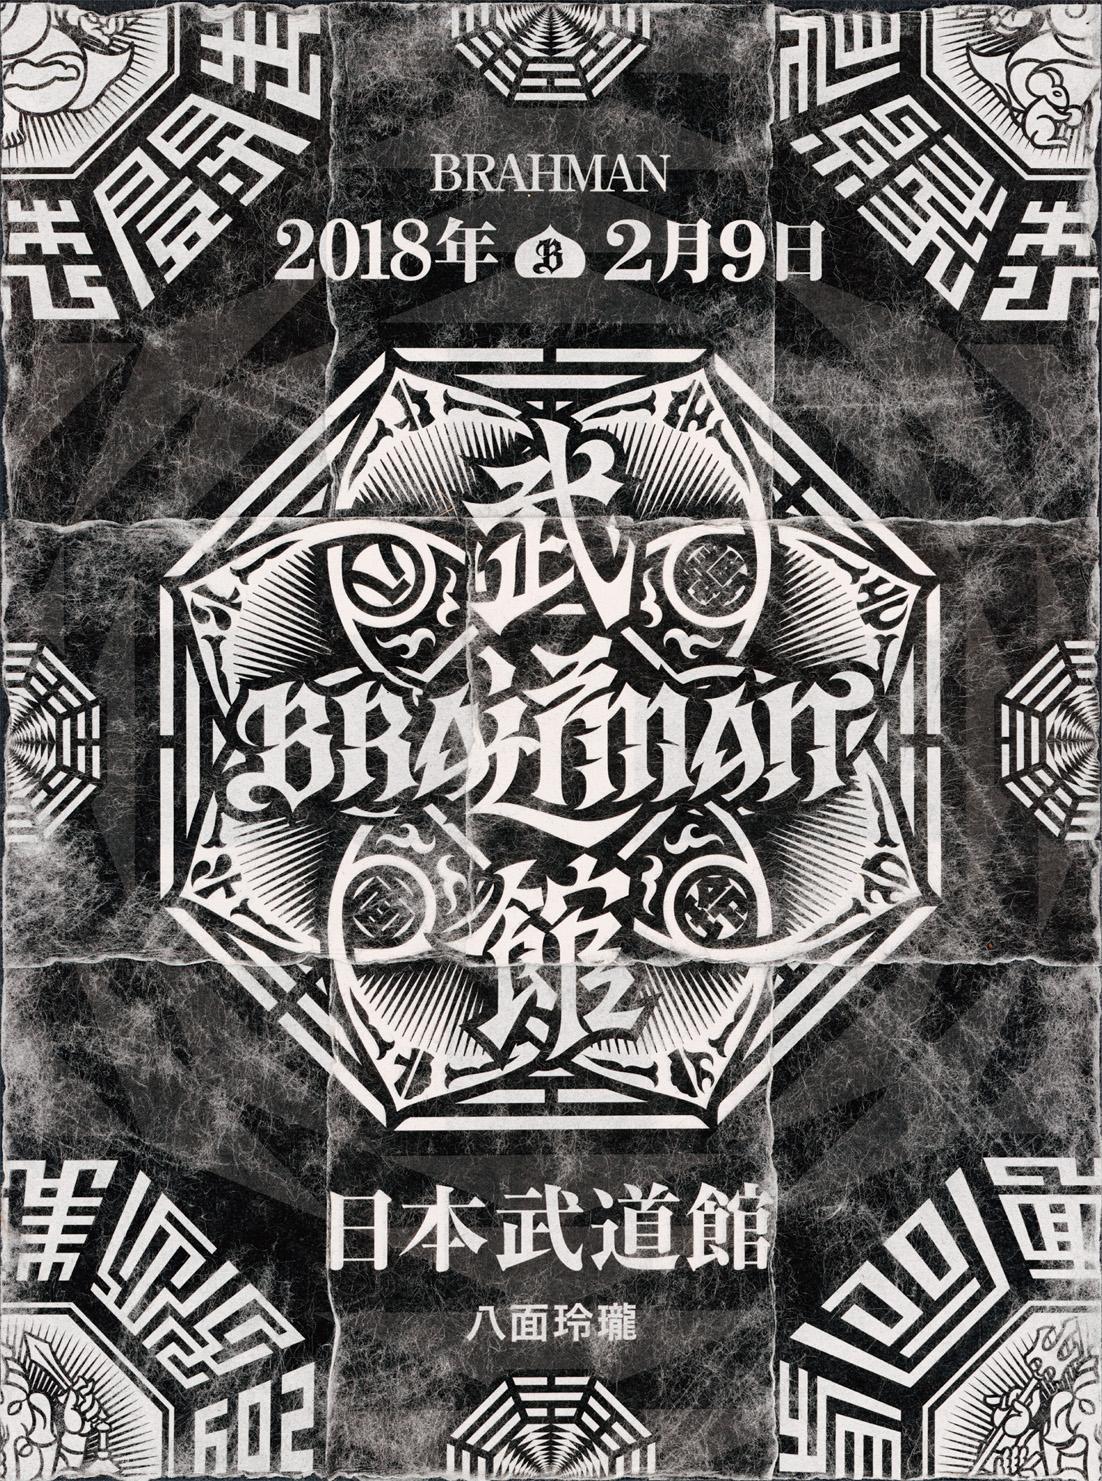 「八面玲瓏」日本武道館 DVDジャケット